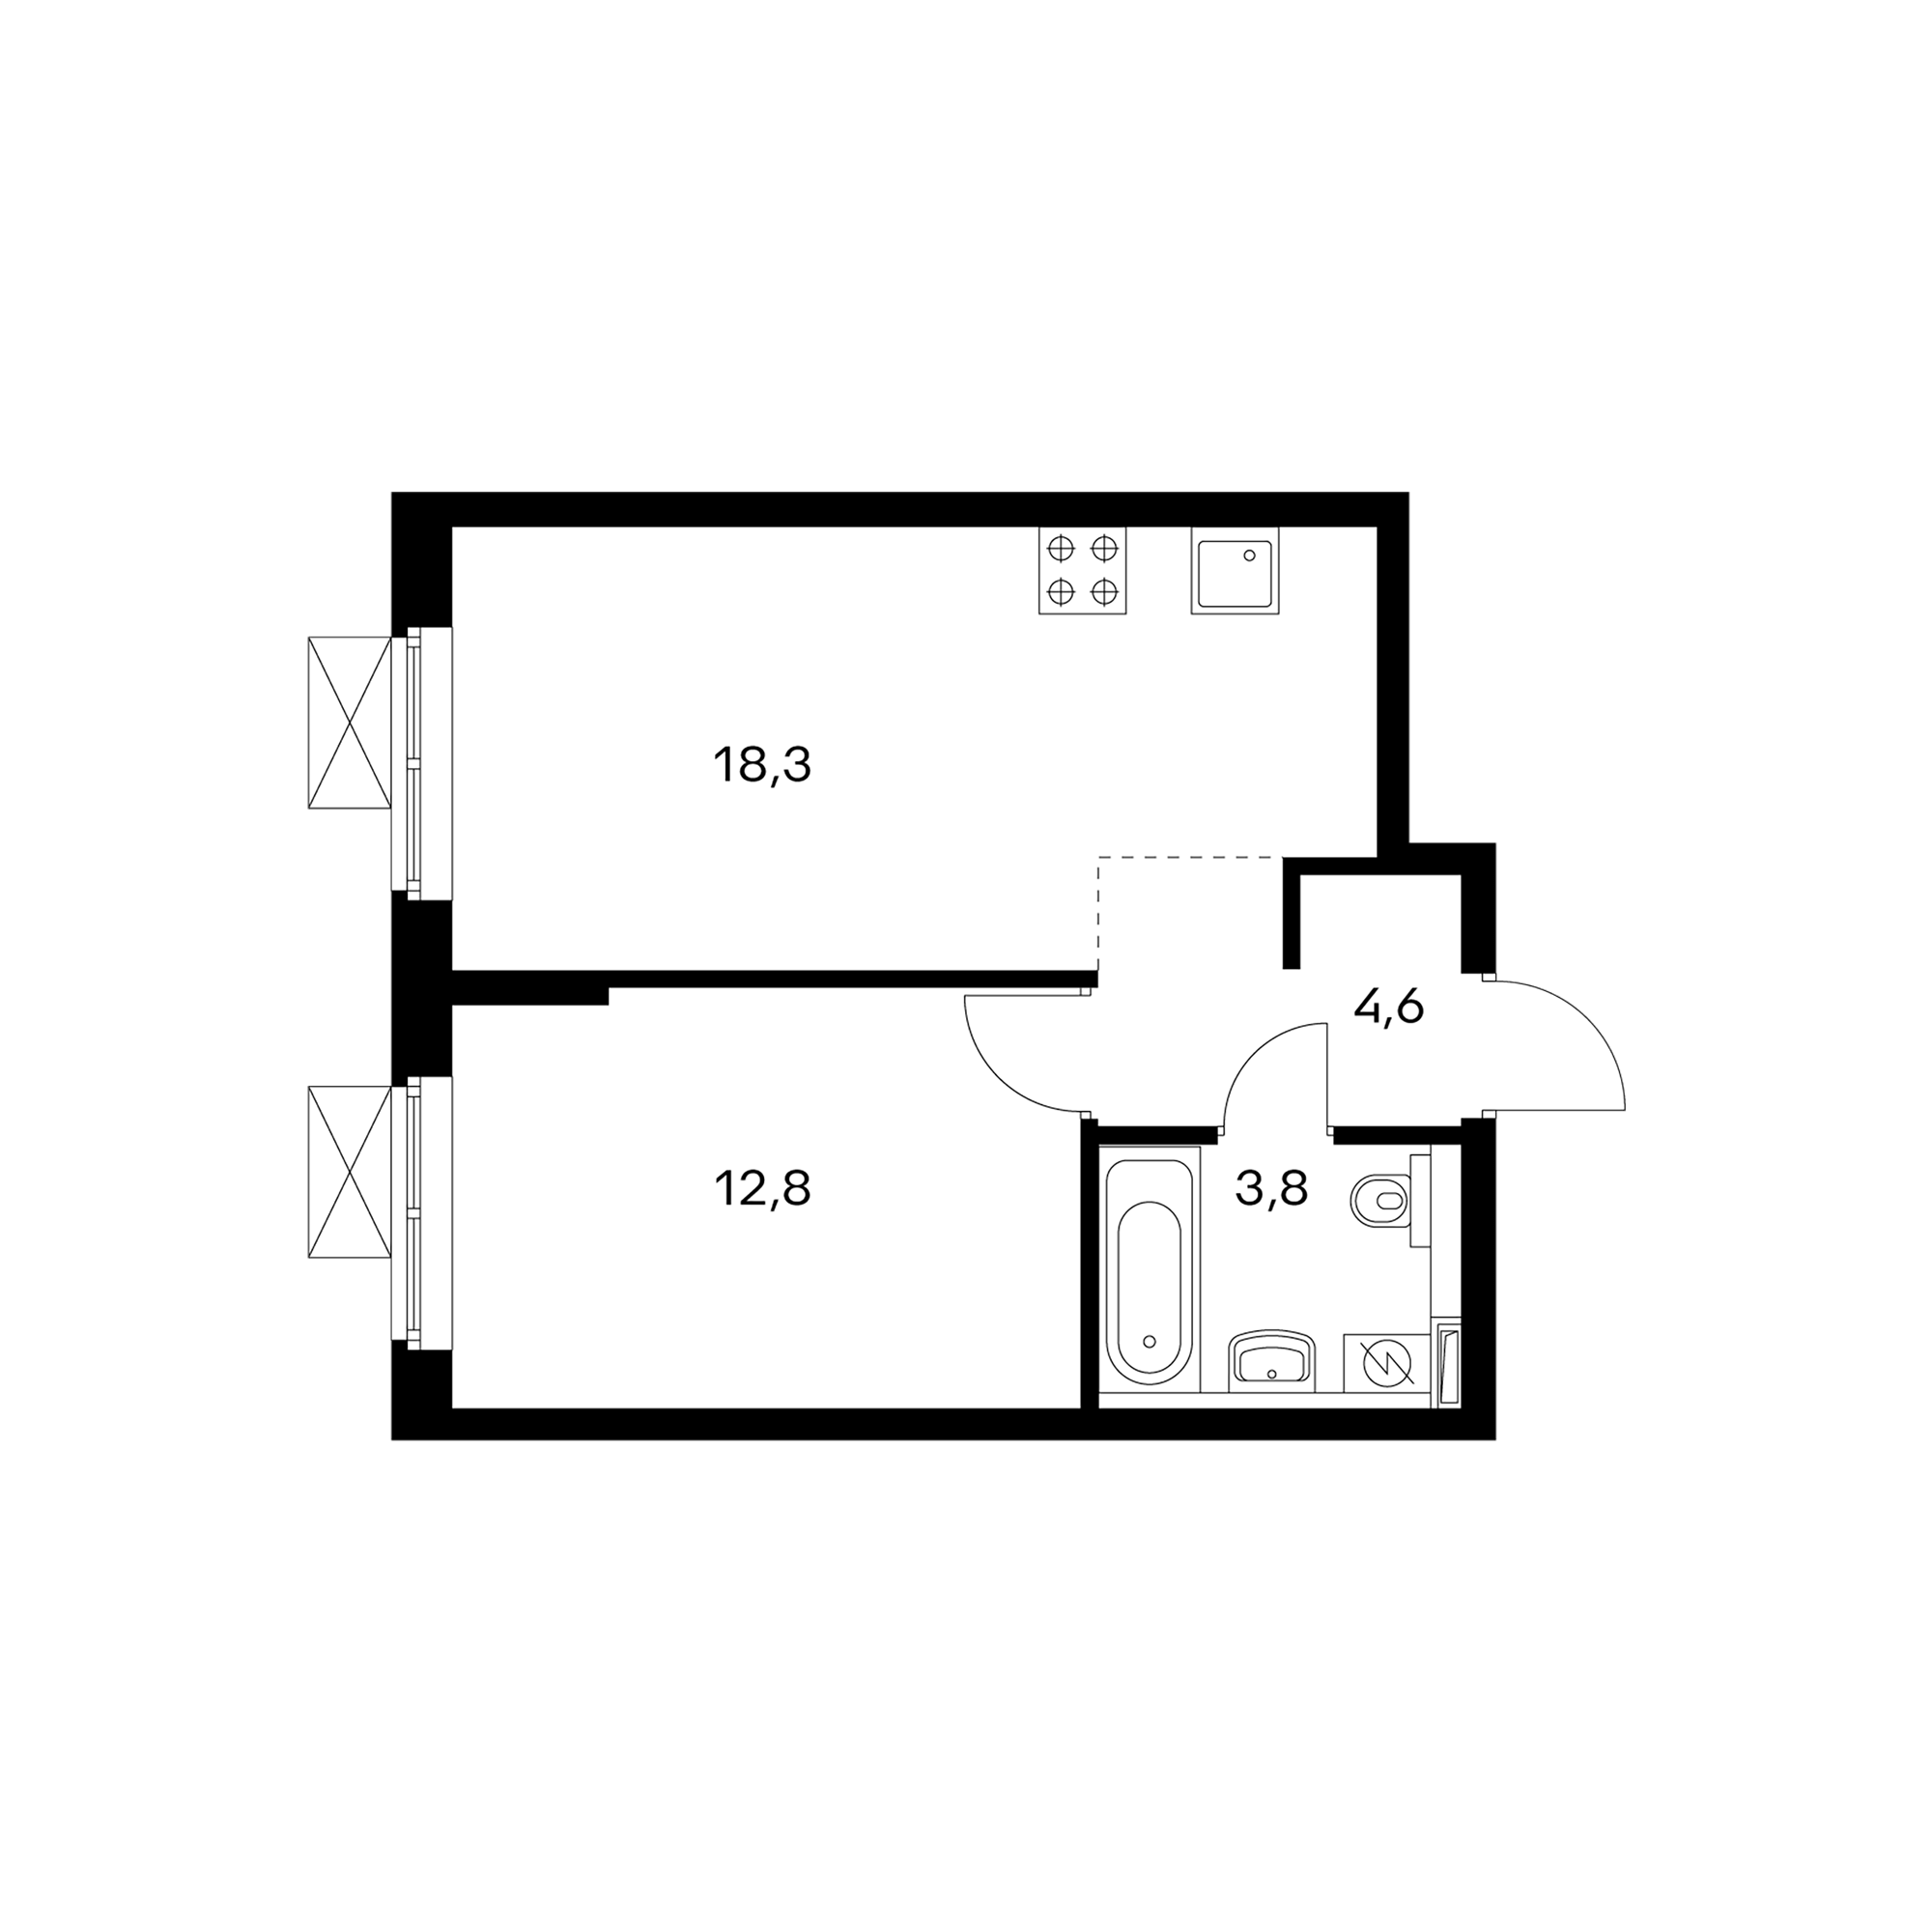 1EM3_6.3-1_S_Z